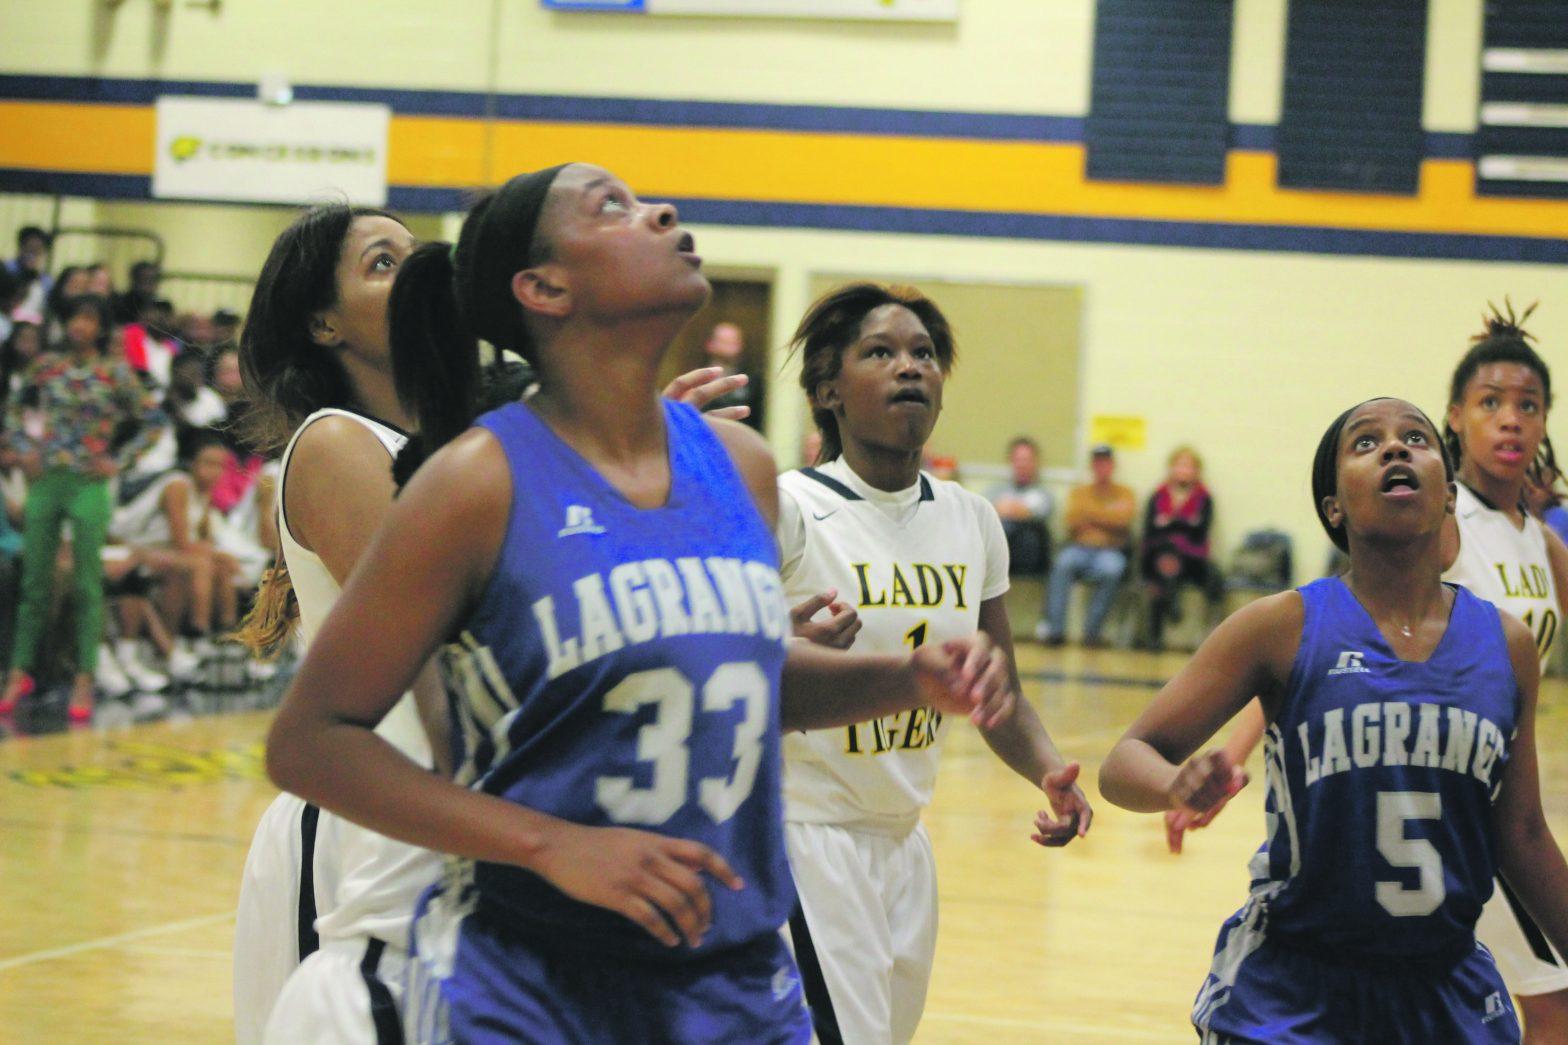 Lady Tigers Take Down LaGrange